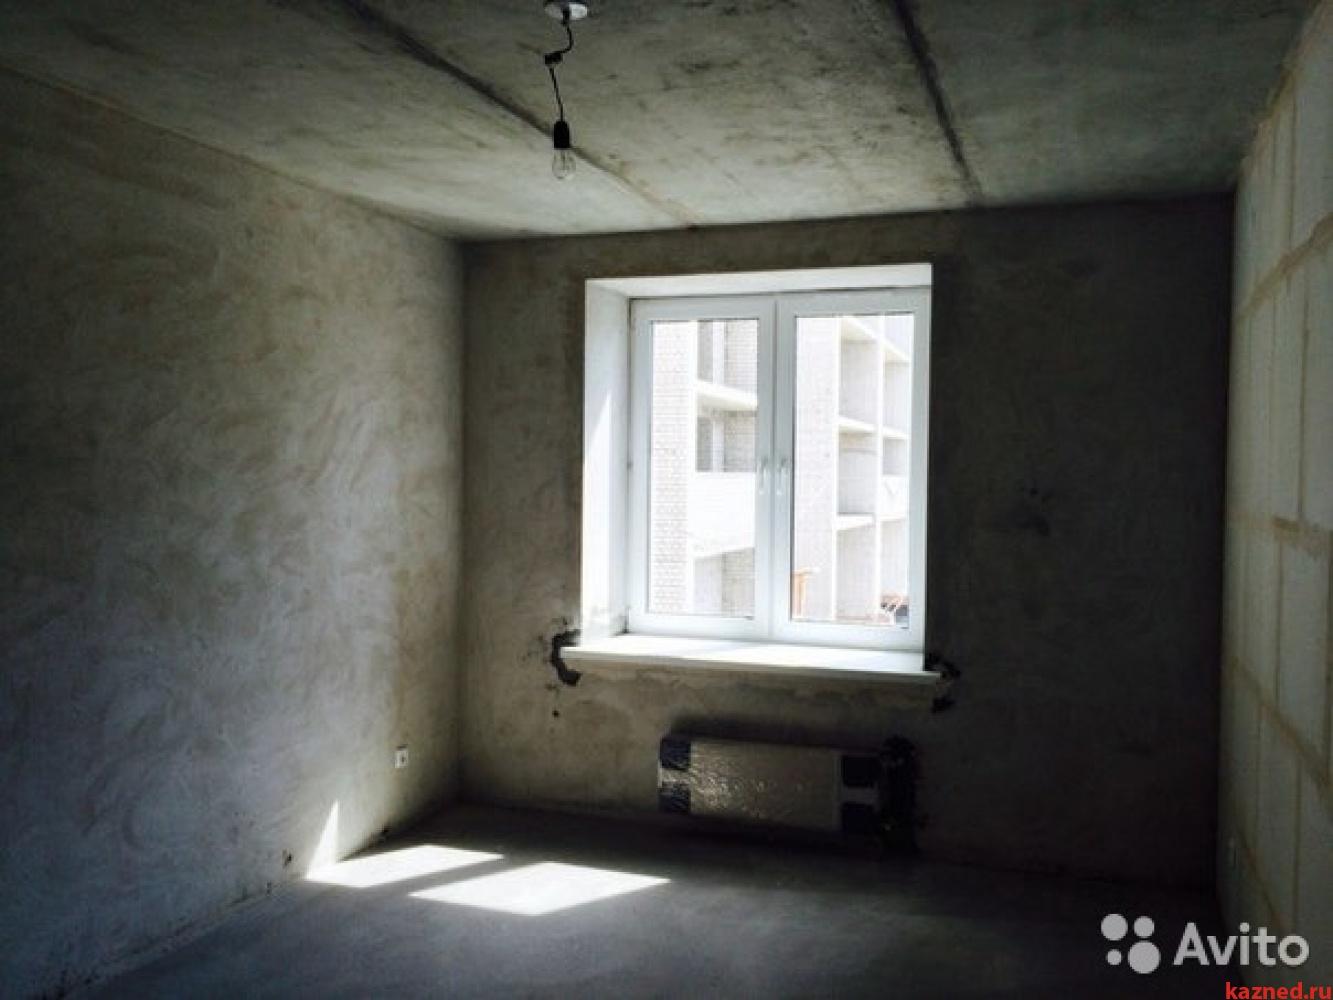 Продажа 2-к квартиры Мамадышский тракт SELGROS, 55 м2  (миниатюра №5)